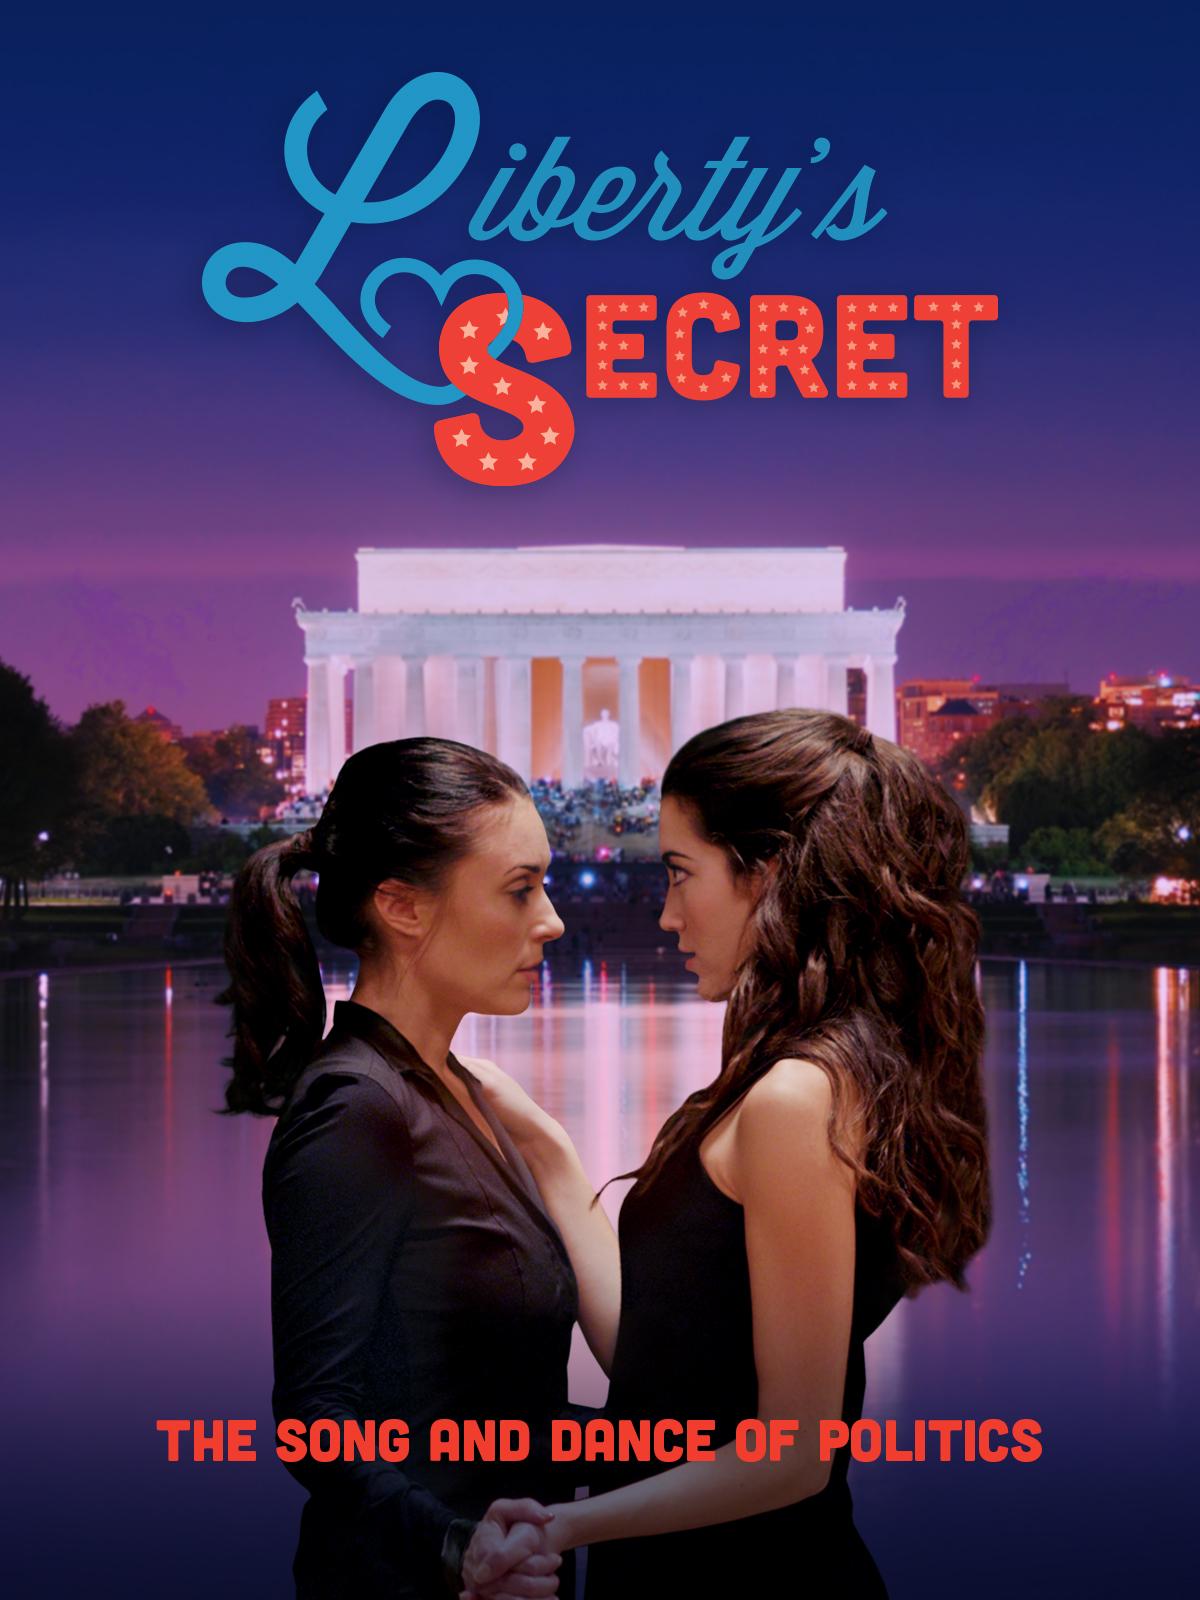 Libertys Secret 2016   IMDb 1200x1600